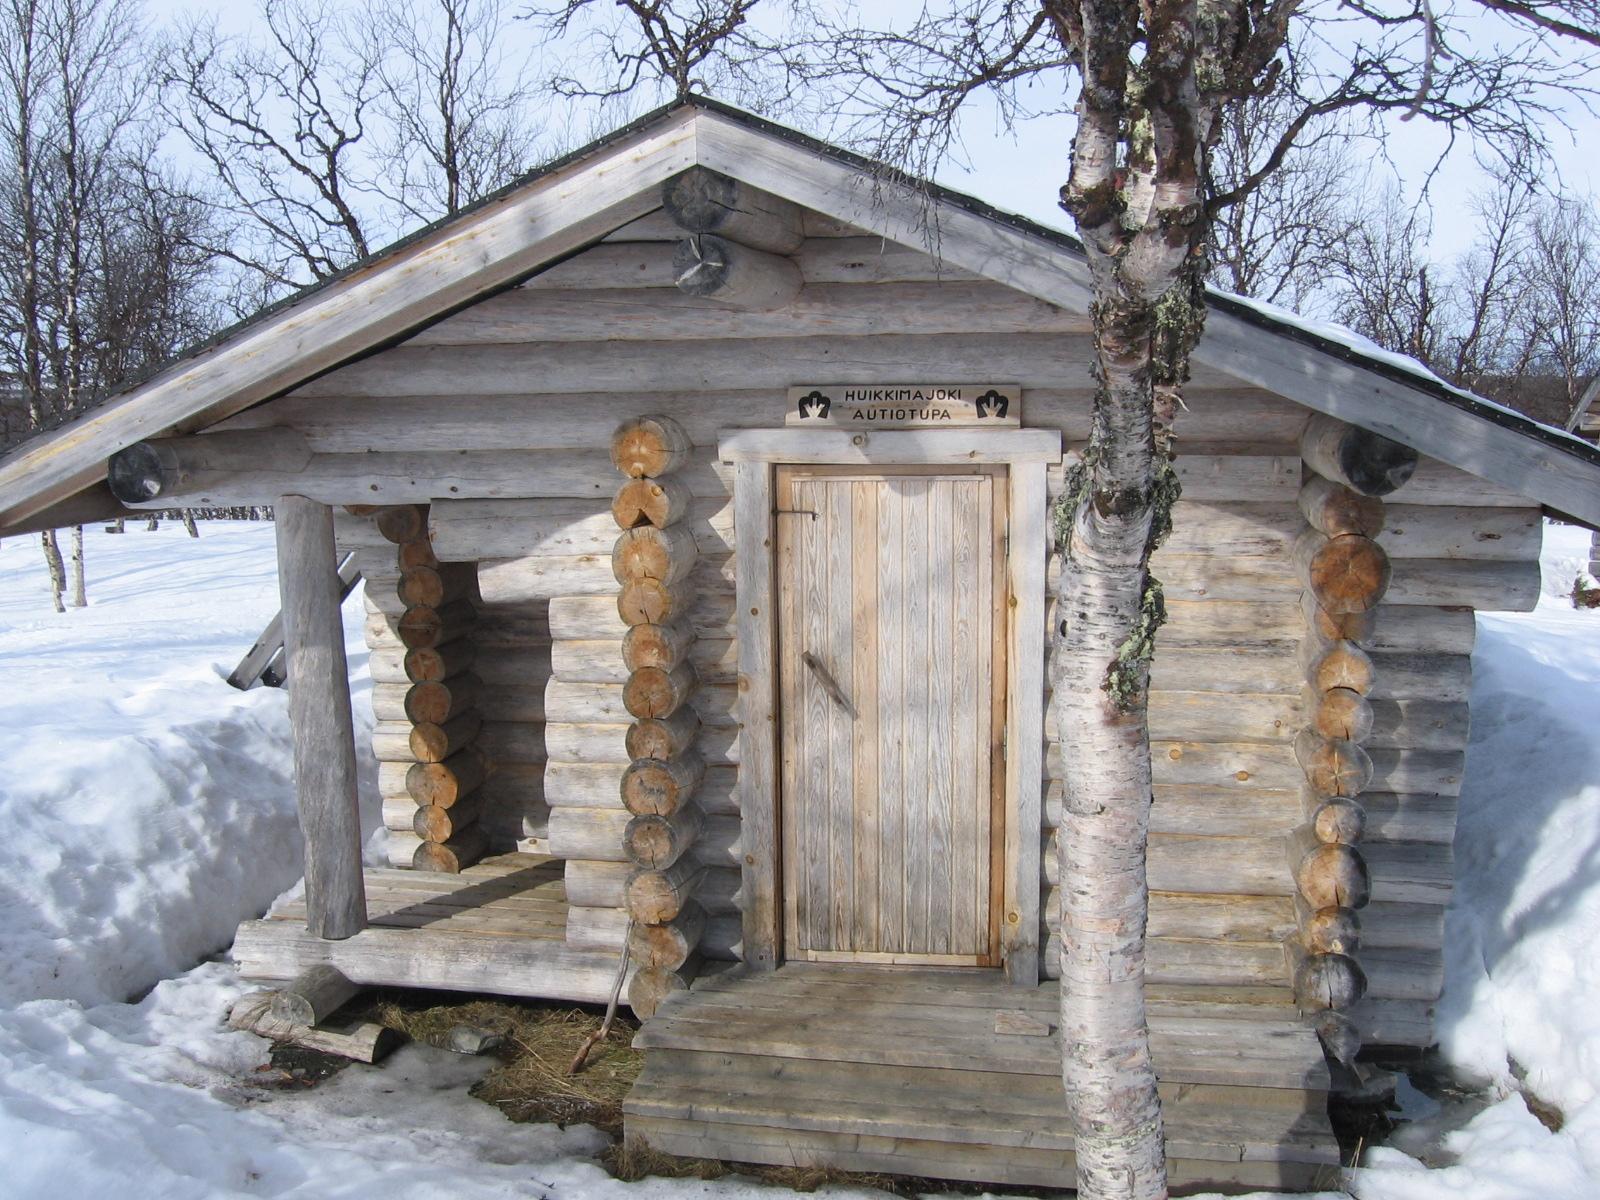 Huikkimajoen autiotupa 13.4.2010